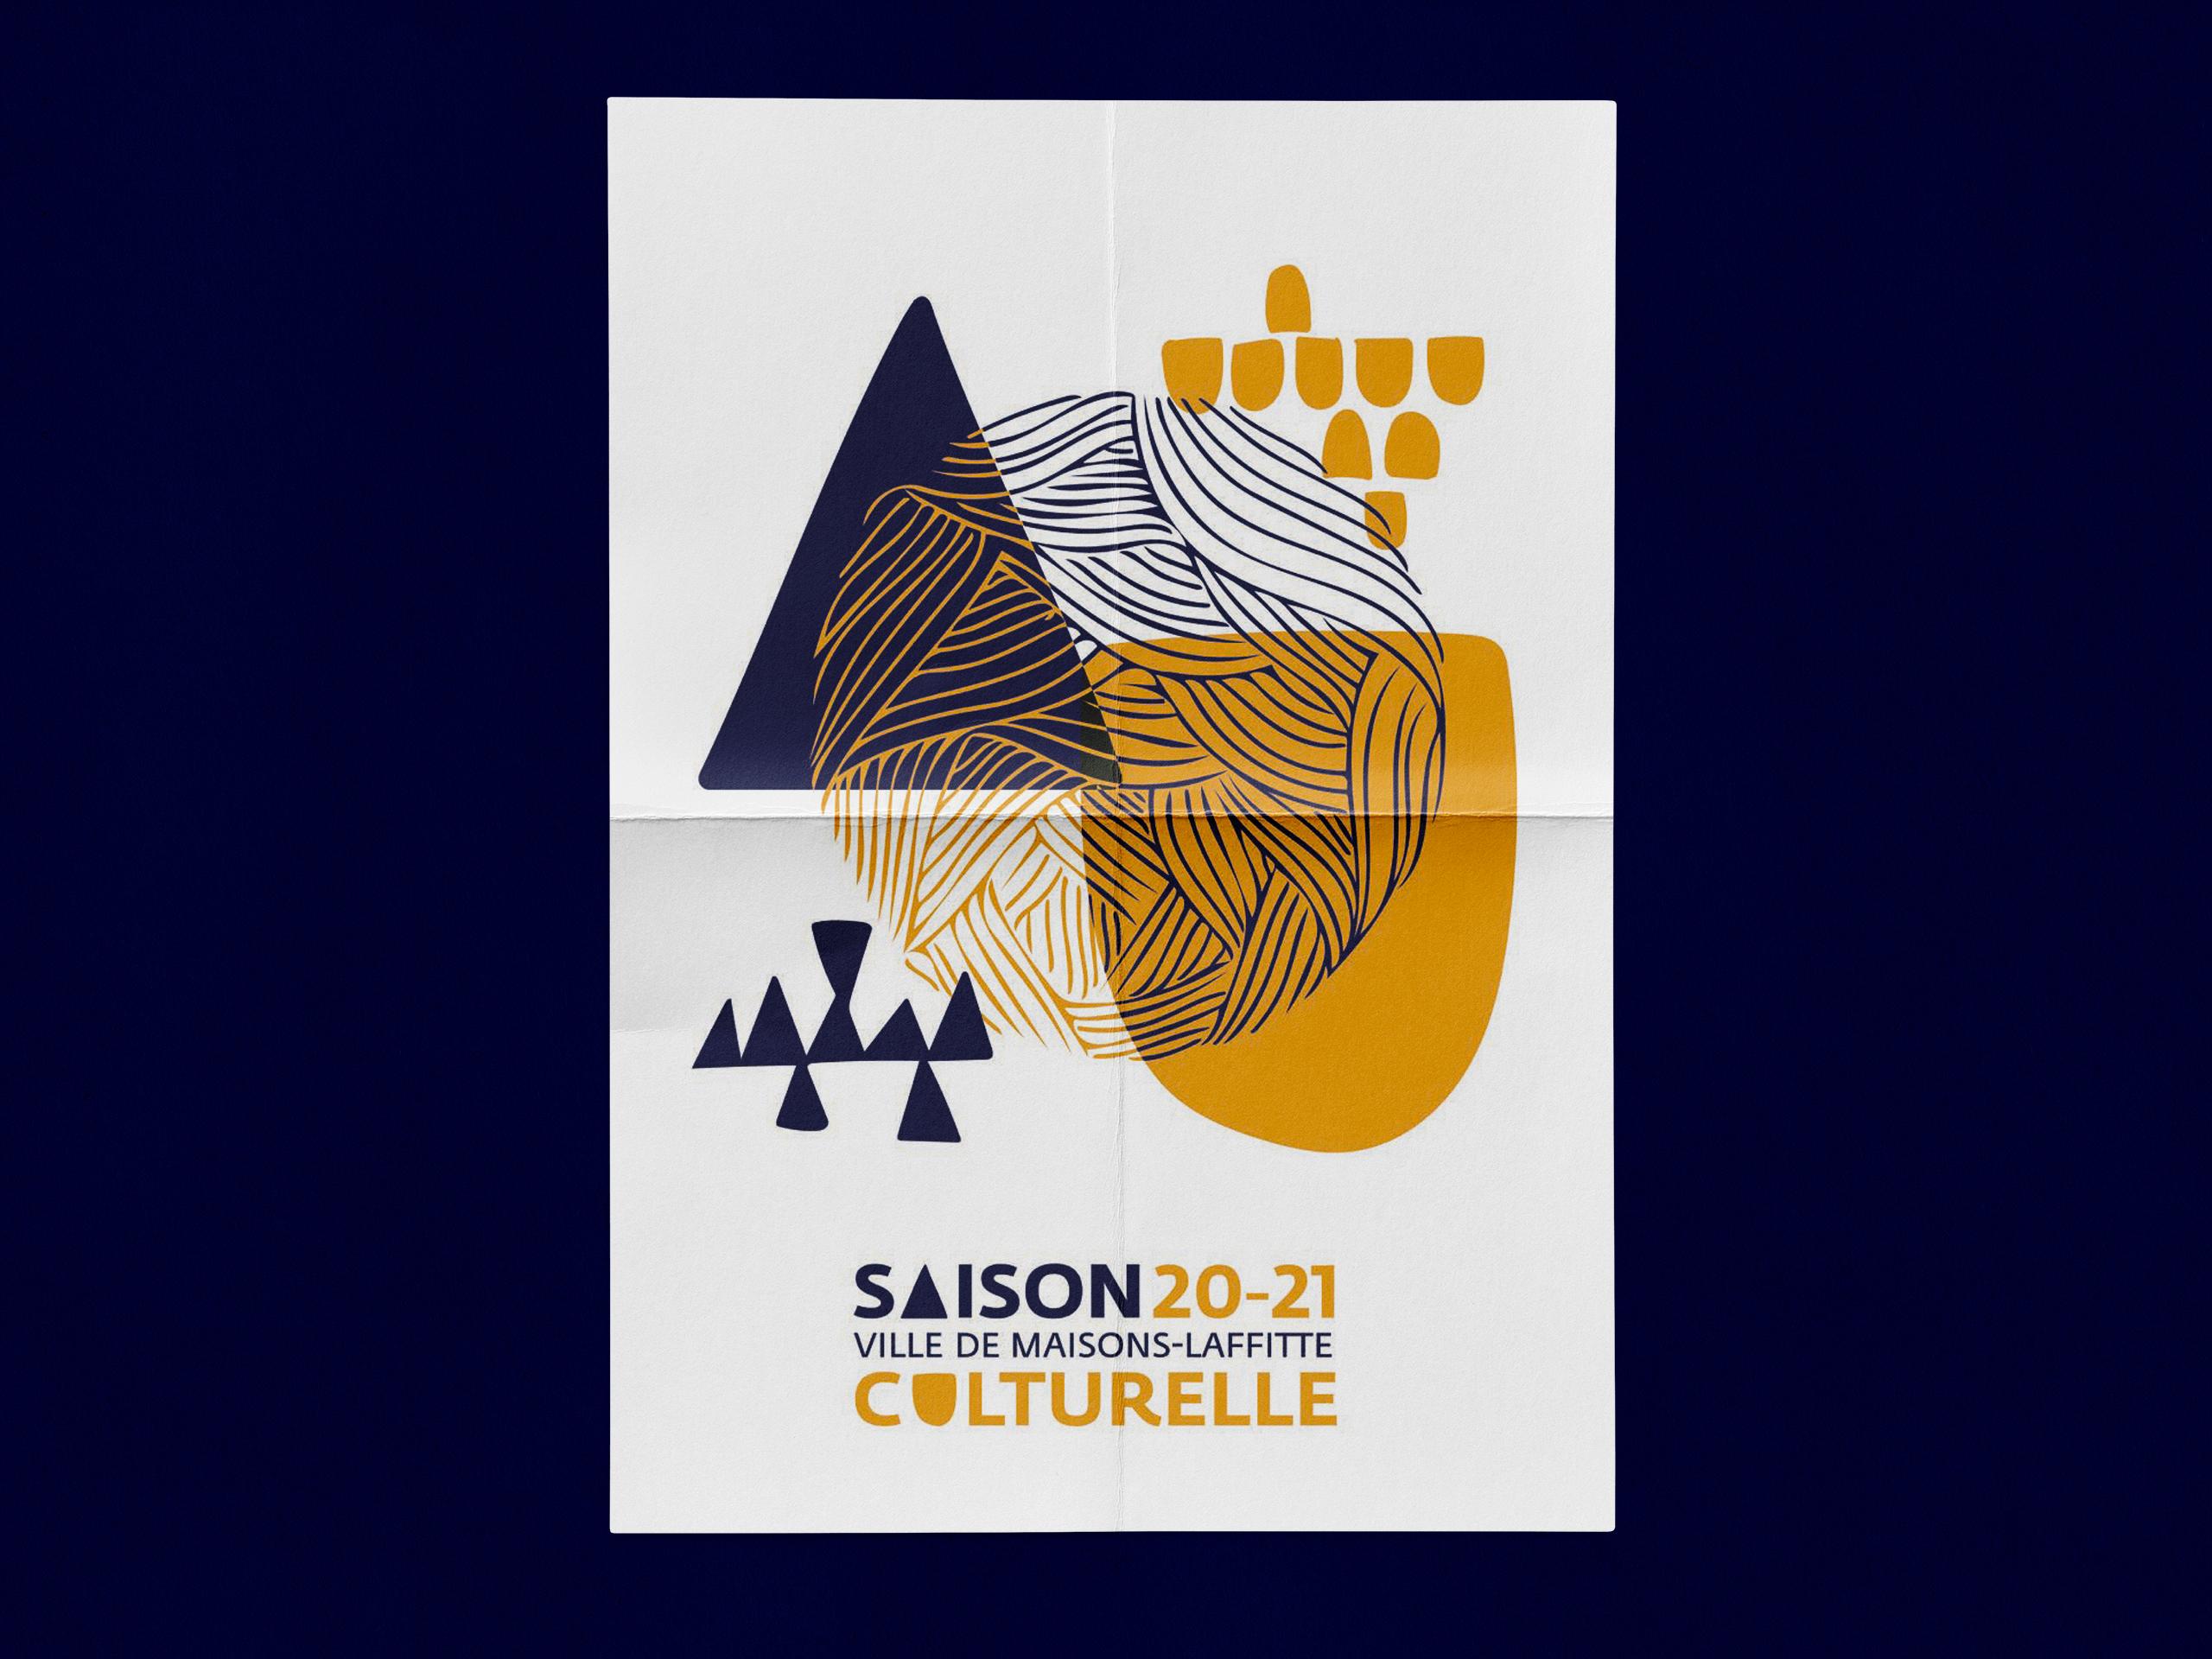 Saison culturelle 2020-2021 Maisons-Laffitte affiche